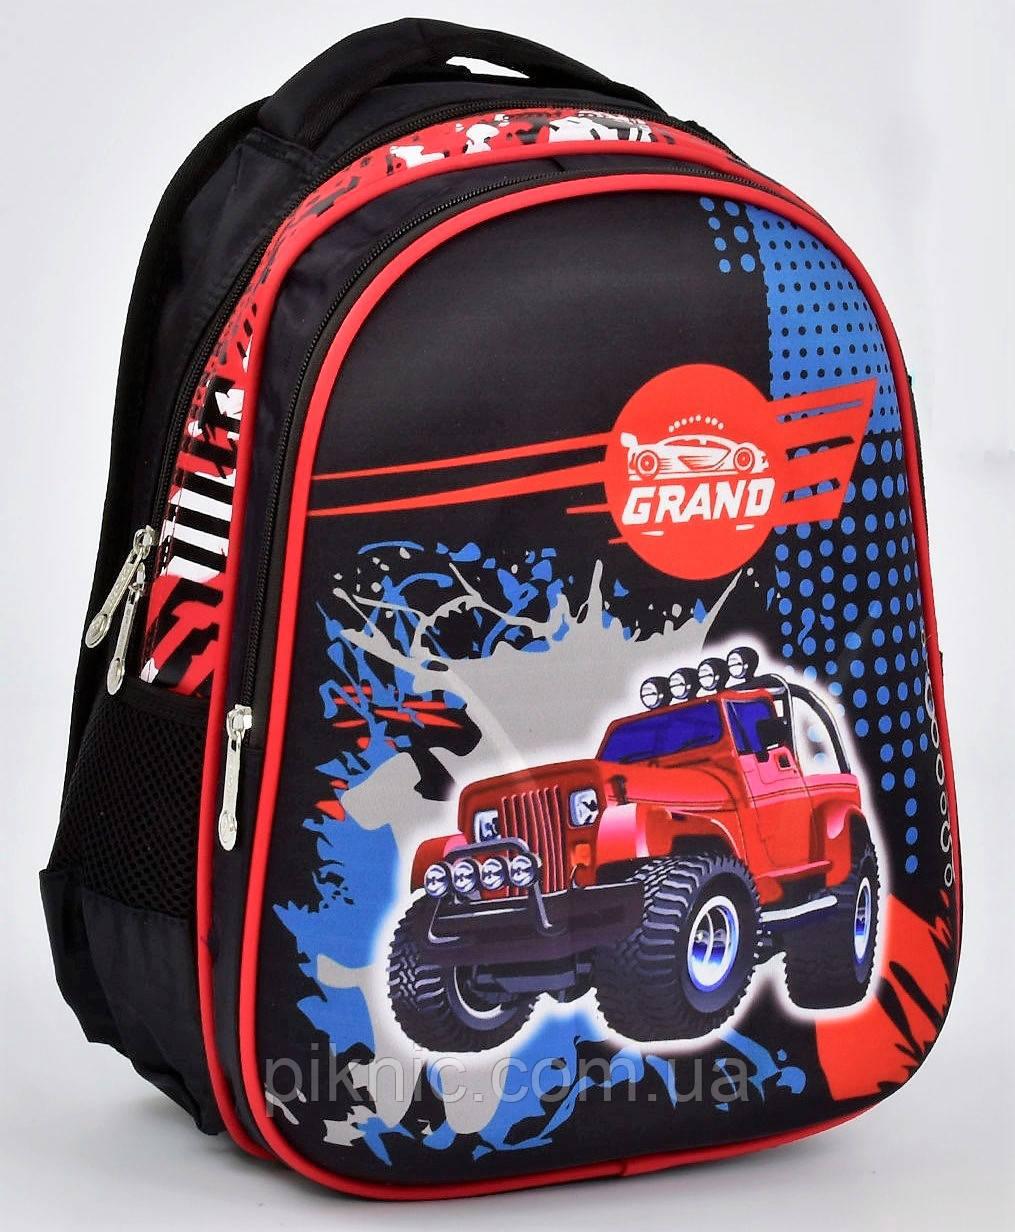 f582531cf959 Школьный рюкзак 1, 2, 3 класс для мальчика. Портфель ранец ортопедический  полу каркасный